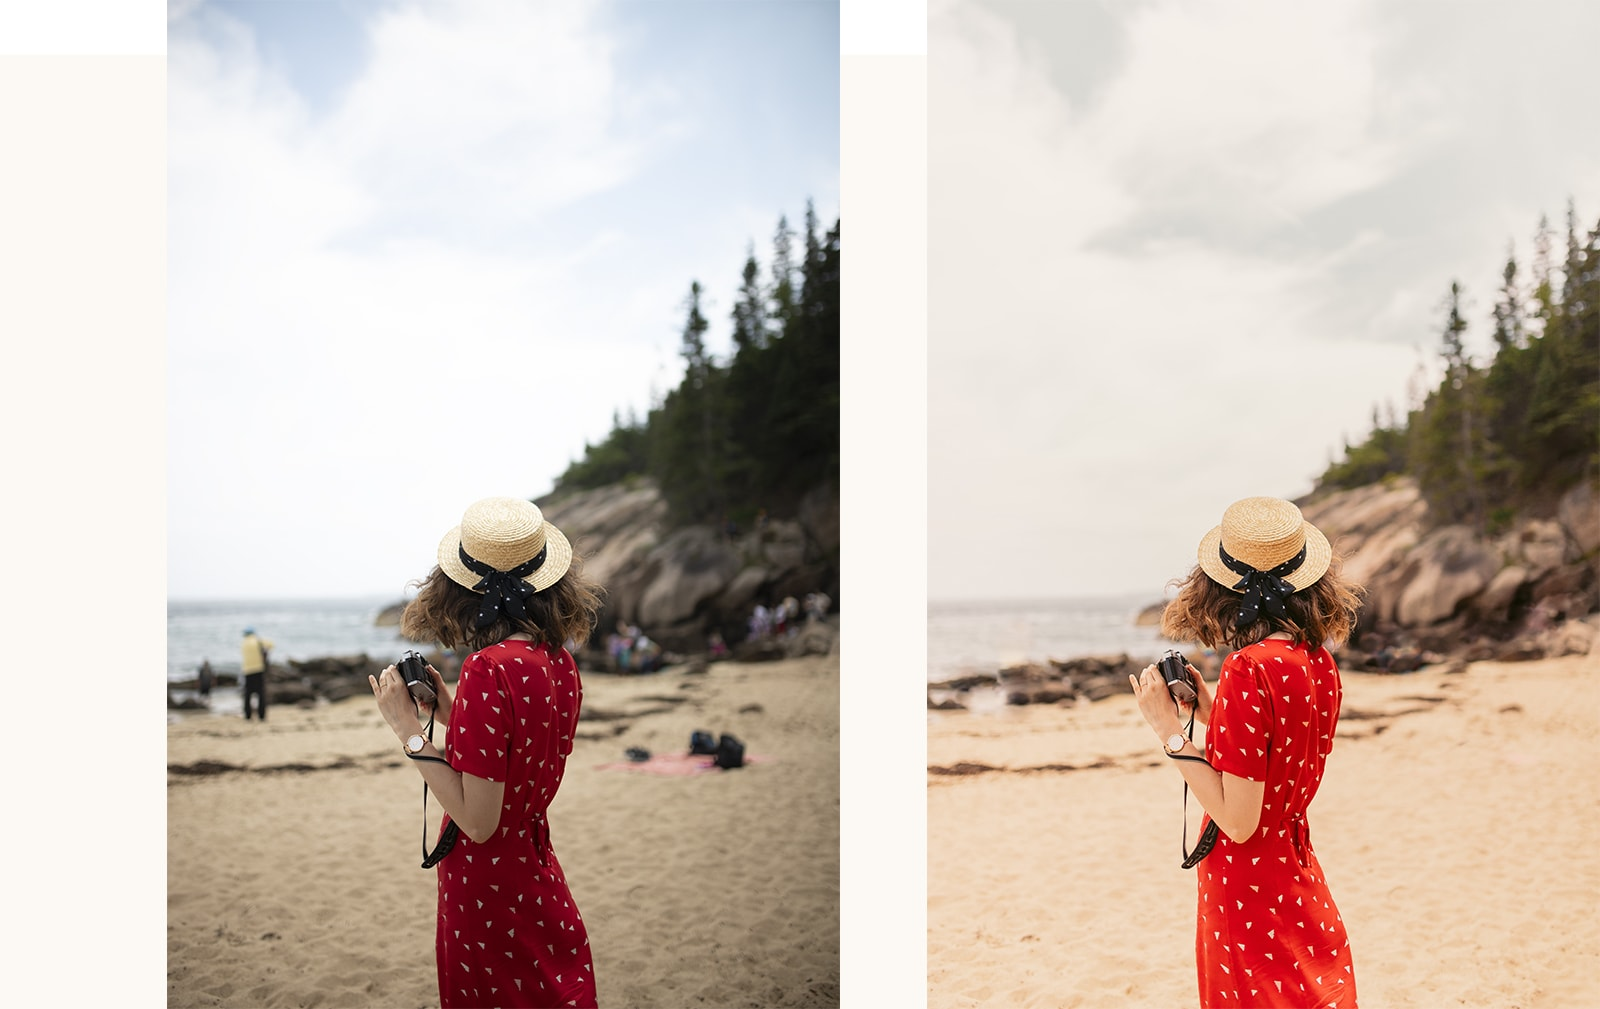 Avant-après d'une retouche de photographie sur Lightroom : apprendre à se servir d'un logiciel pour améliorer ses clichés.